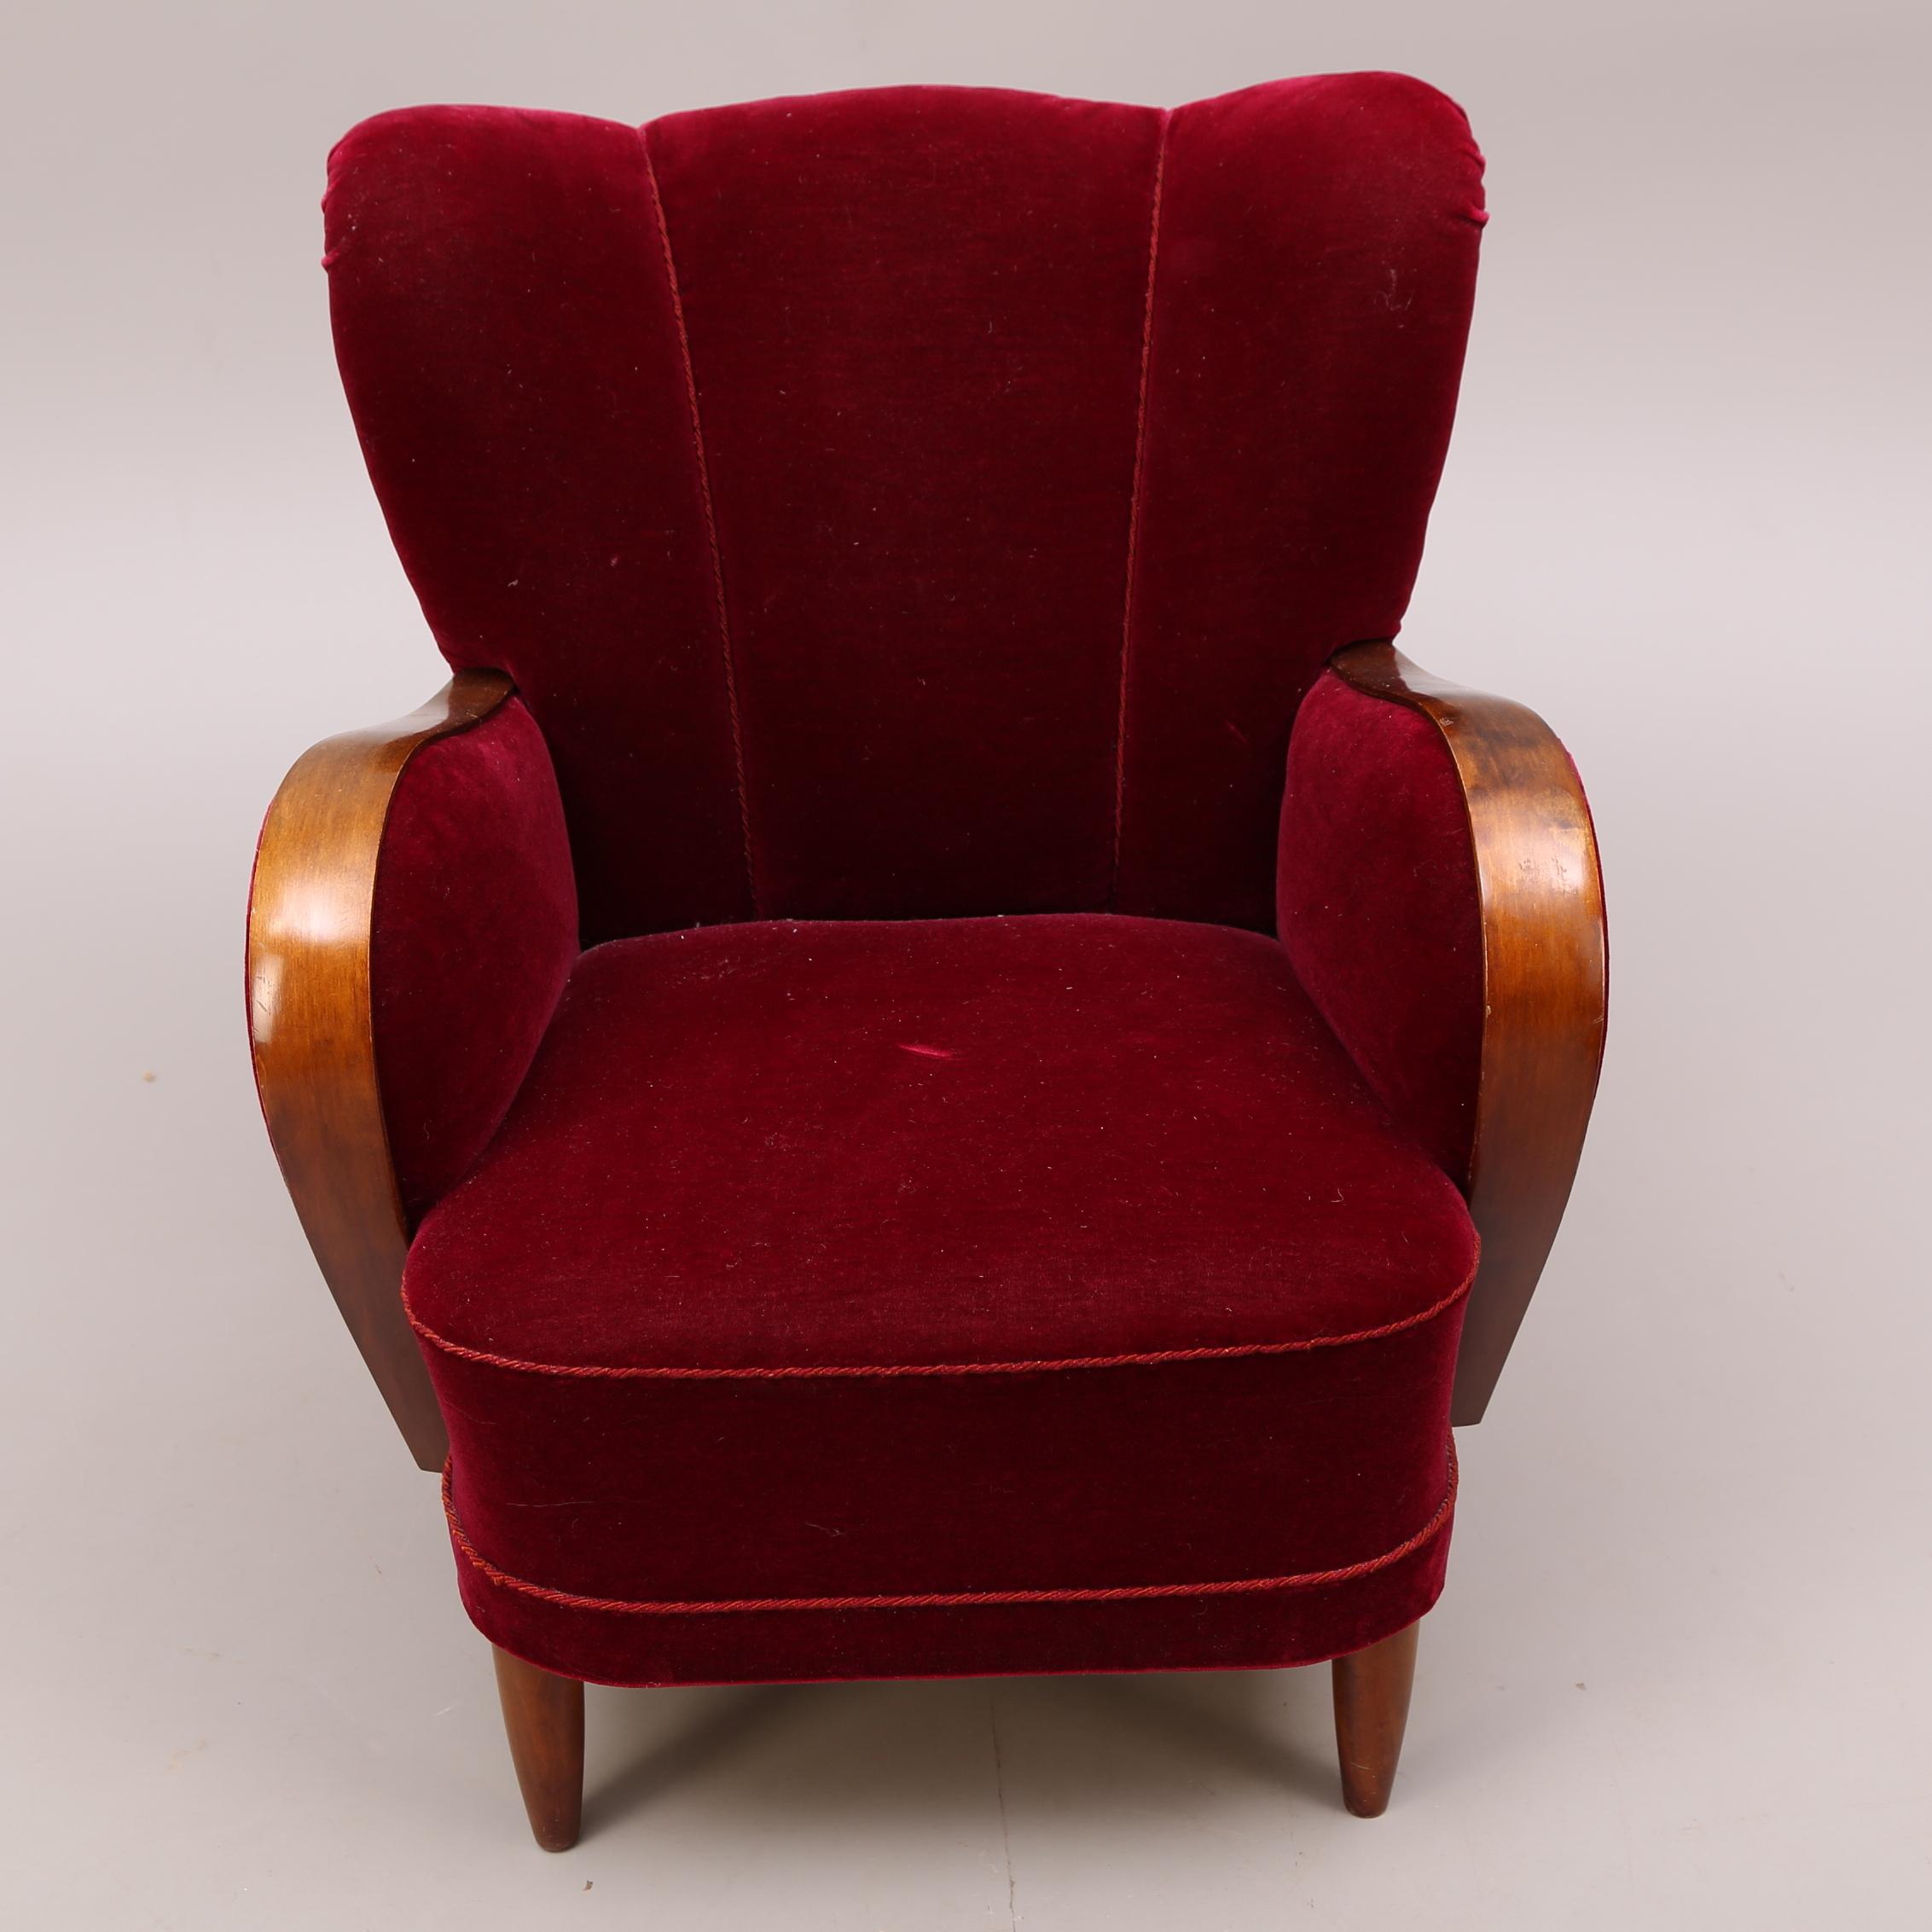 Bilder för 178709 FåTÖLJ, trä, röd sammet, 1940 tal Auctionet